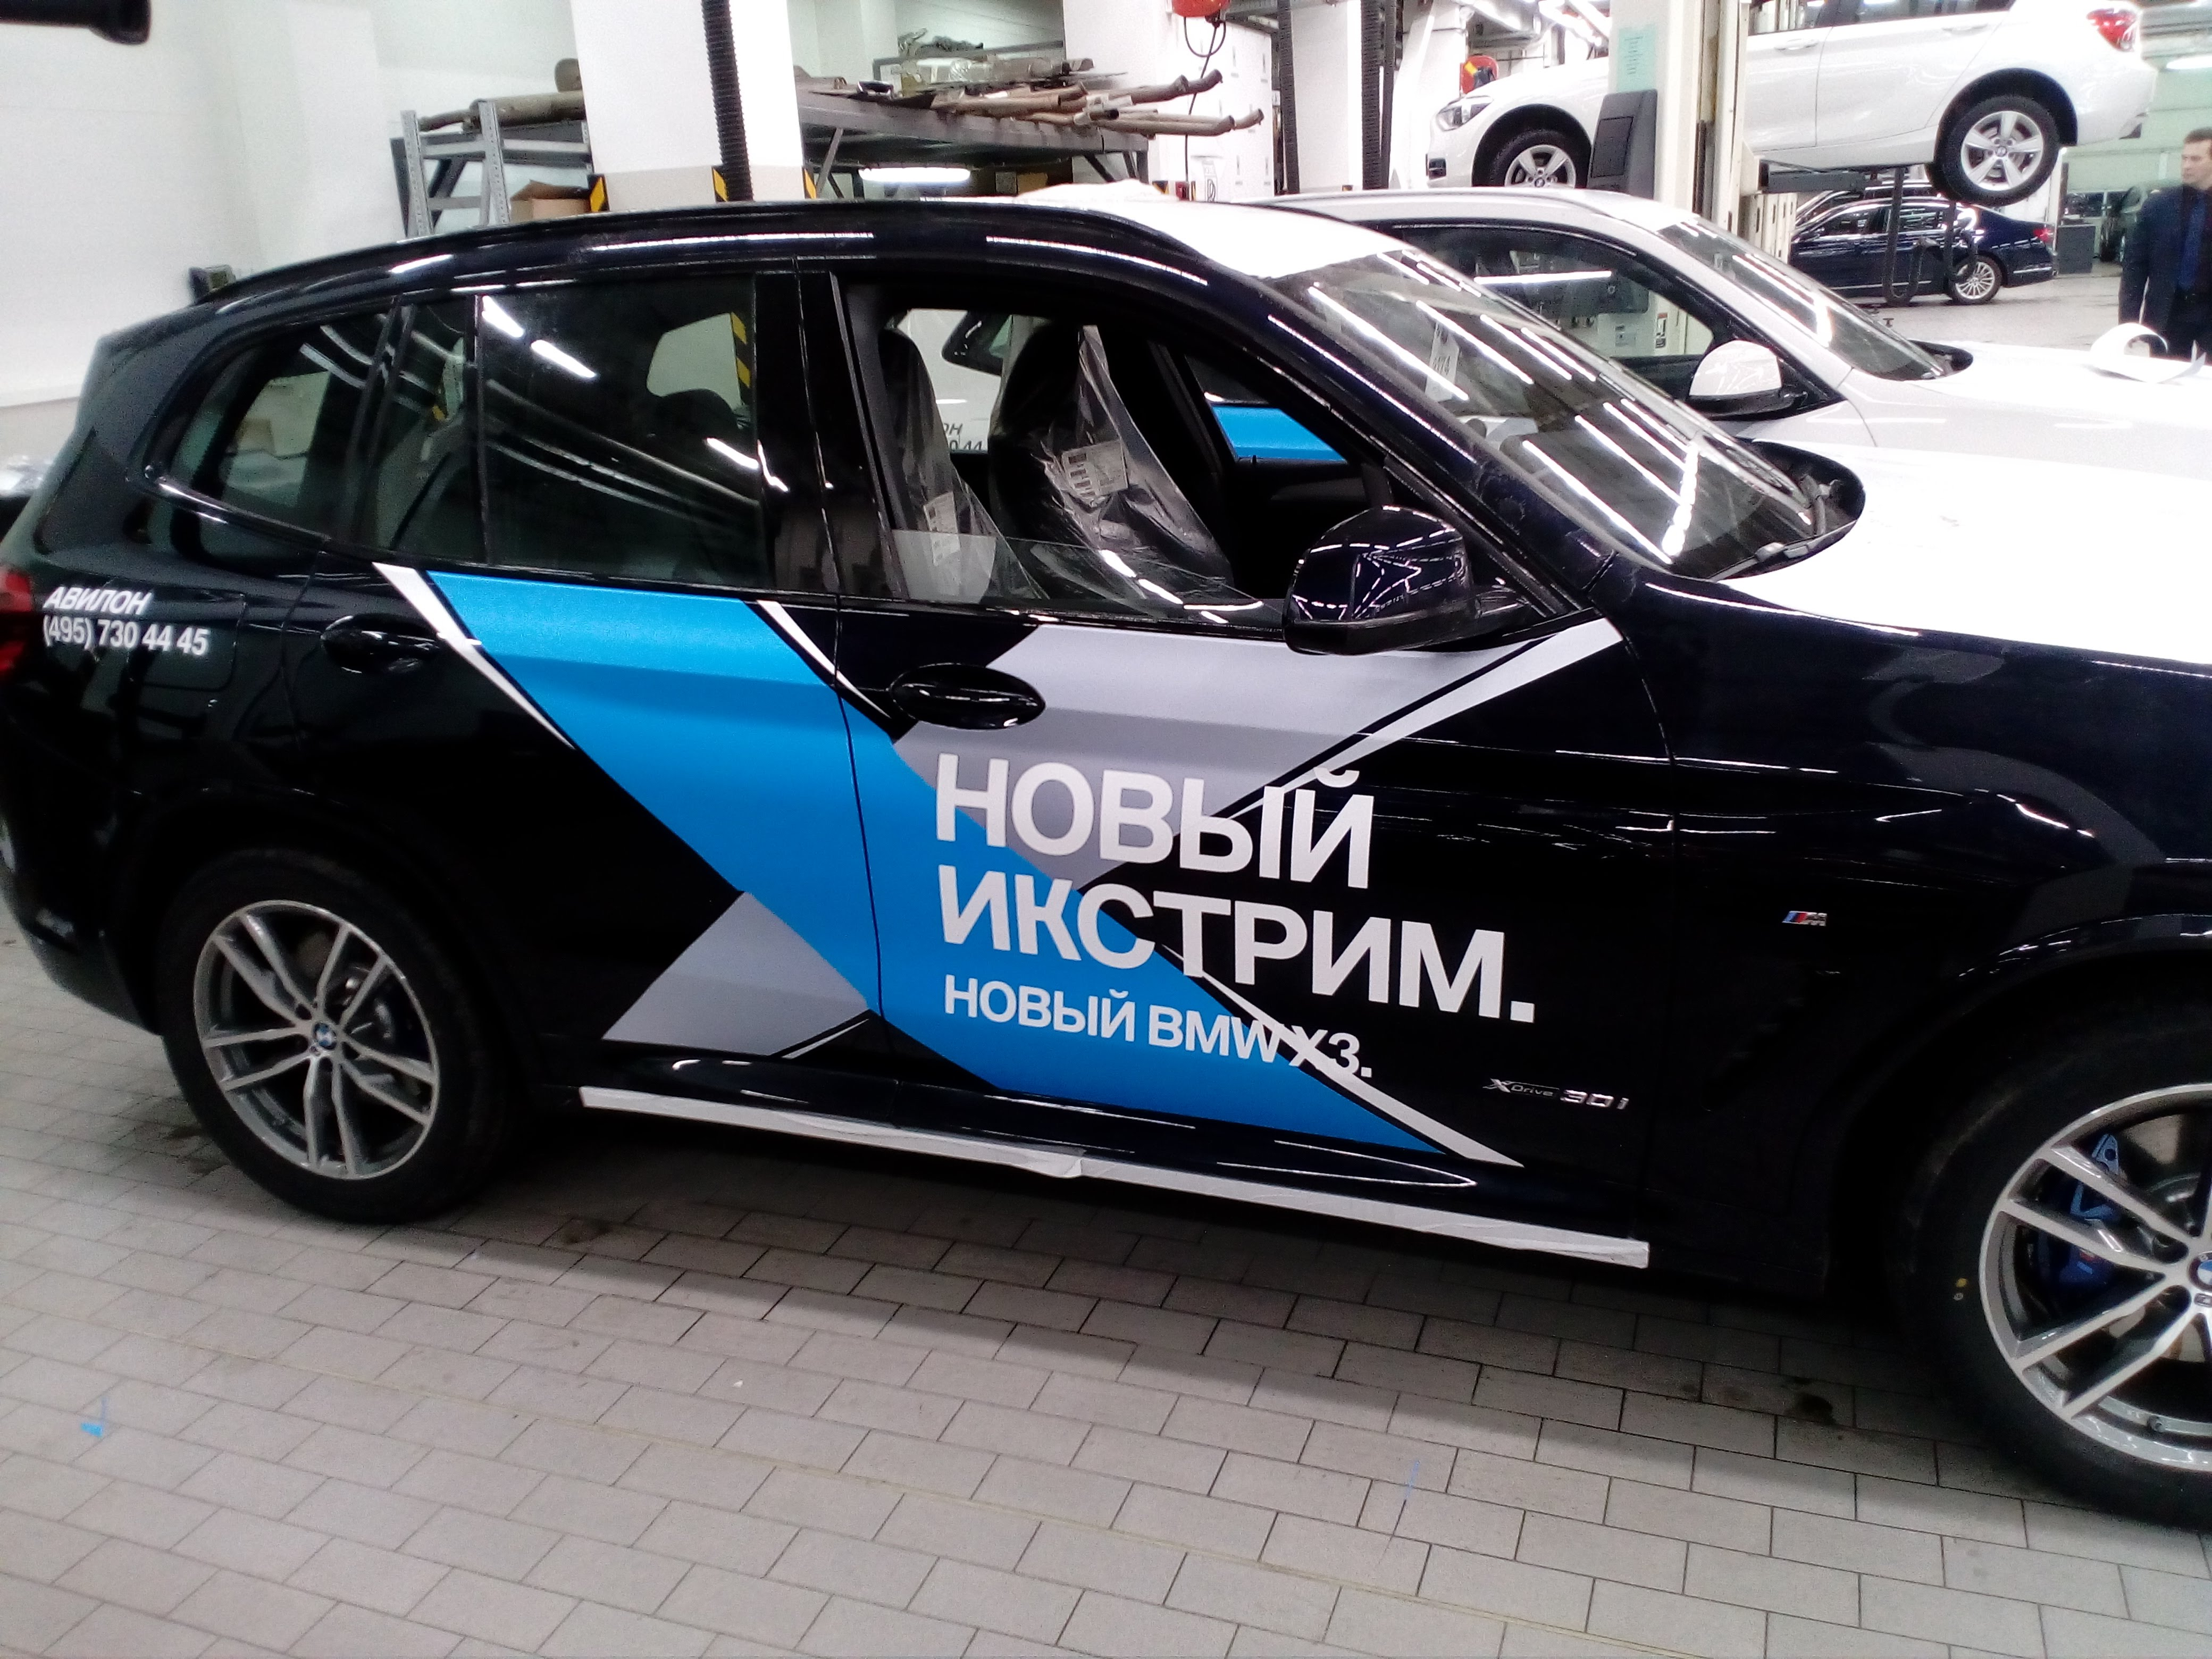 Брендирование авто в москве юао недорого